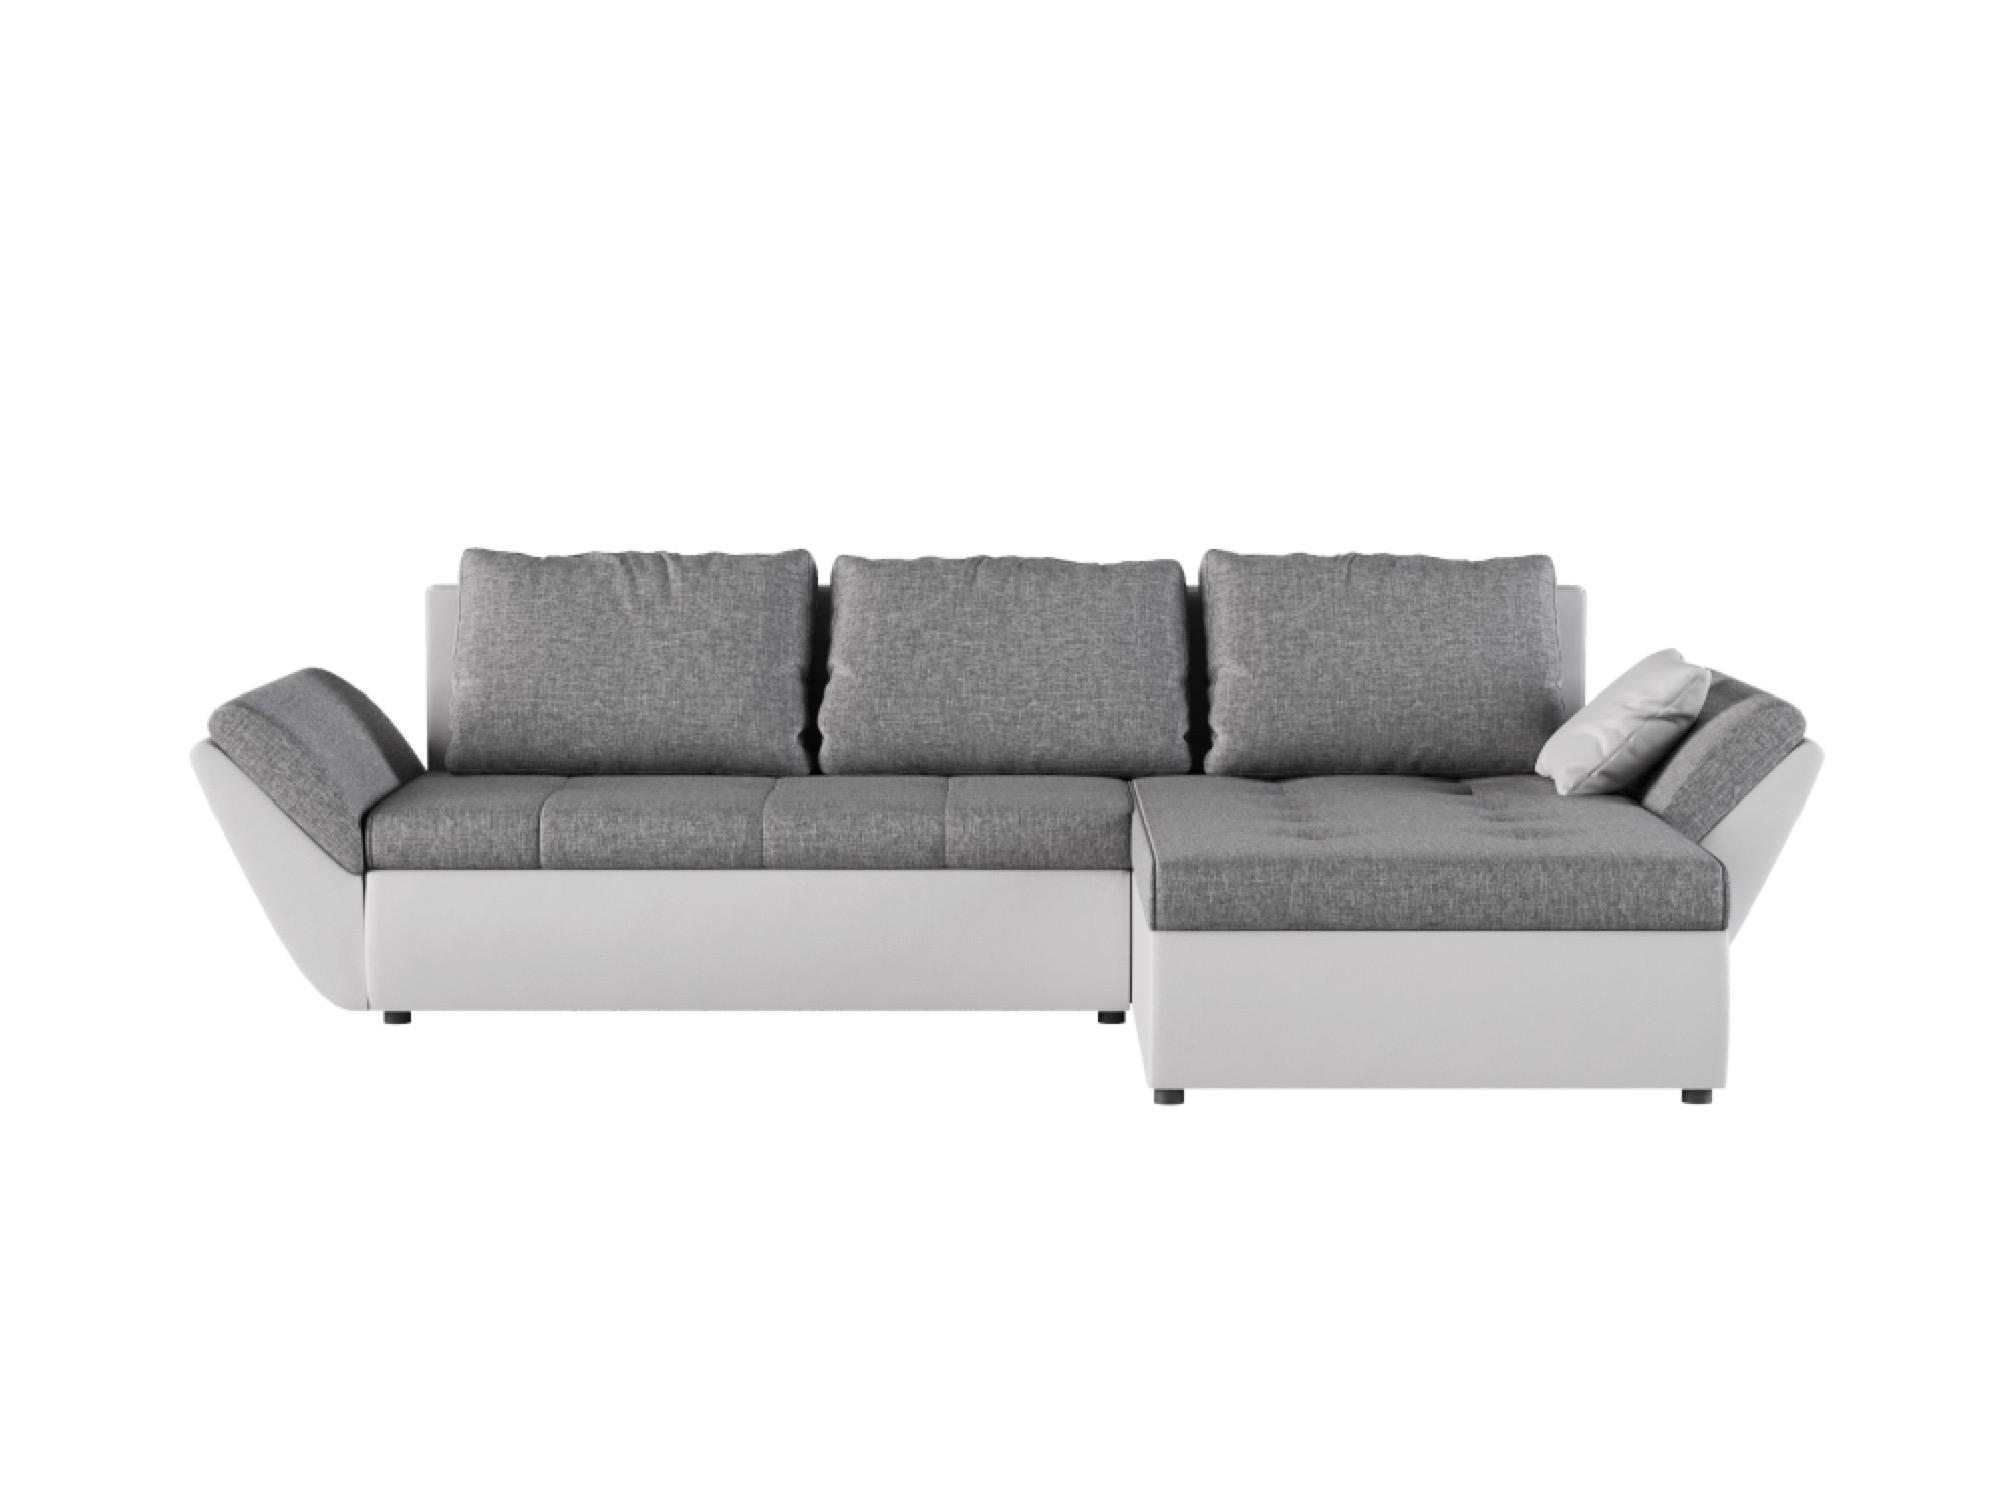 Canapé d'angle 4 places Blanc Contemporain Confort